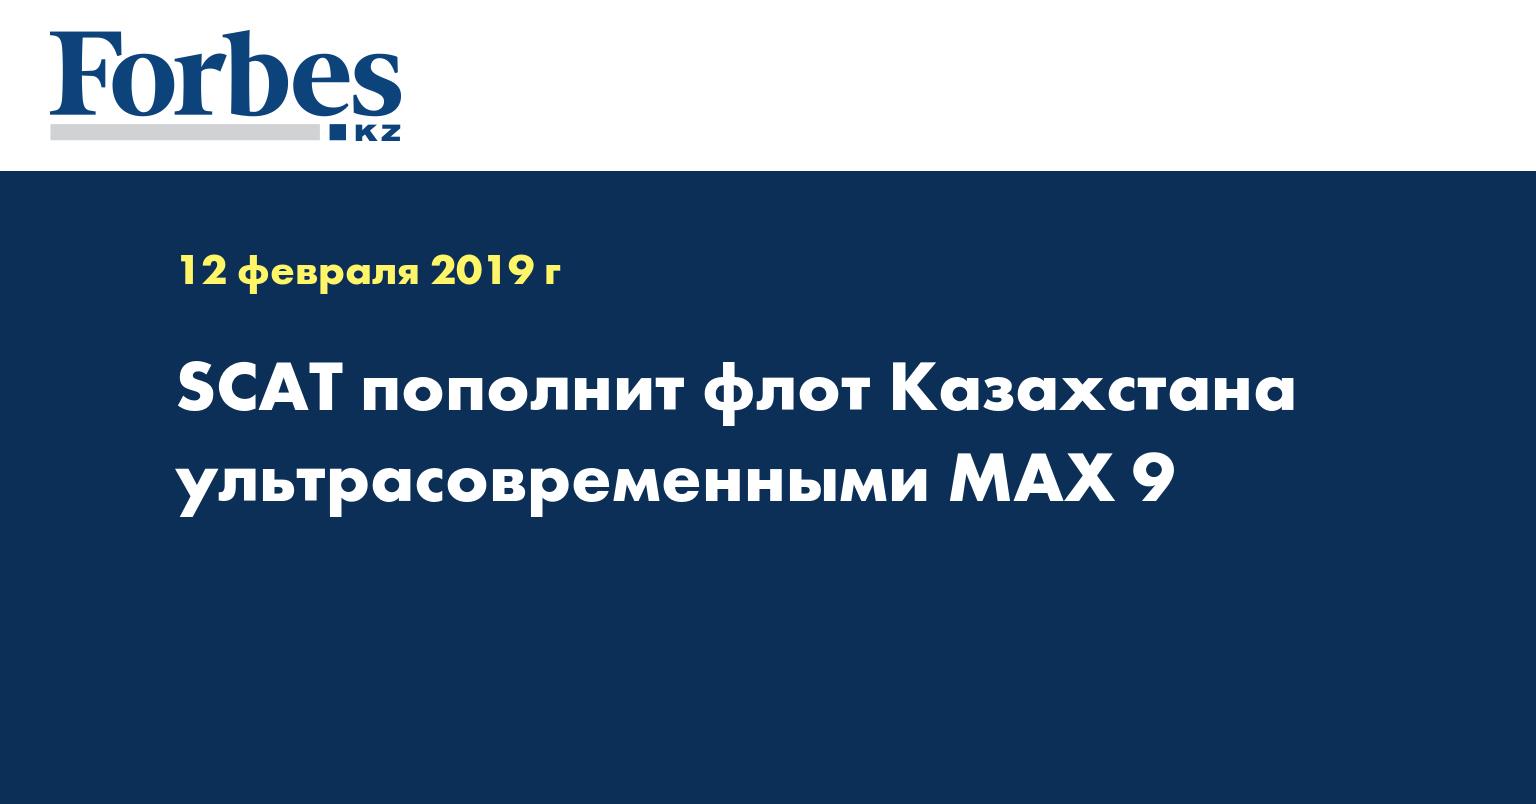 SCAT пополнит флот Казахстана ультрасовременными MAX 9